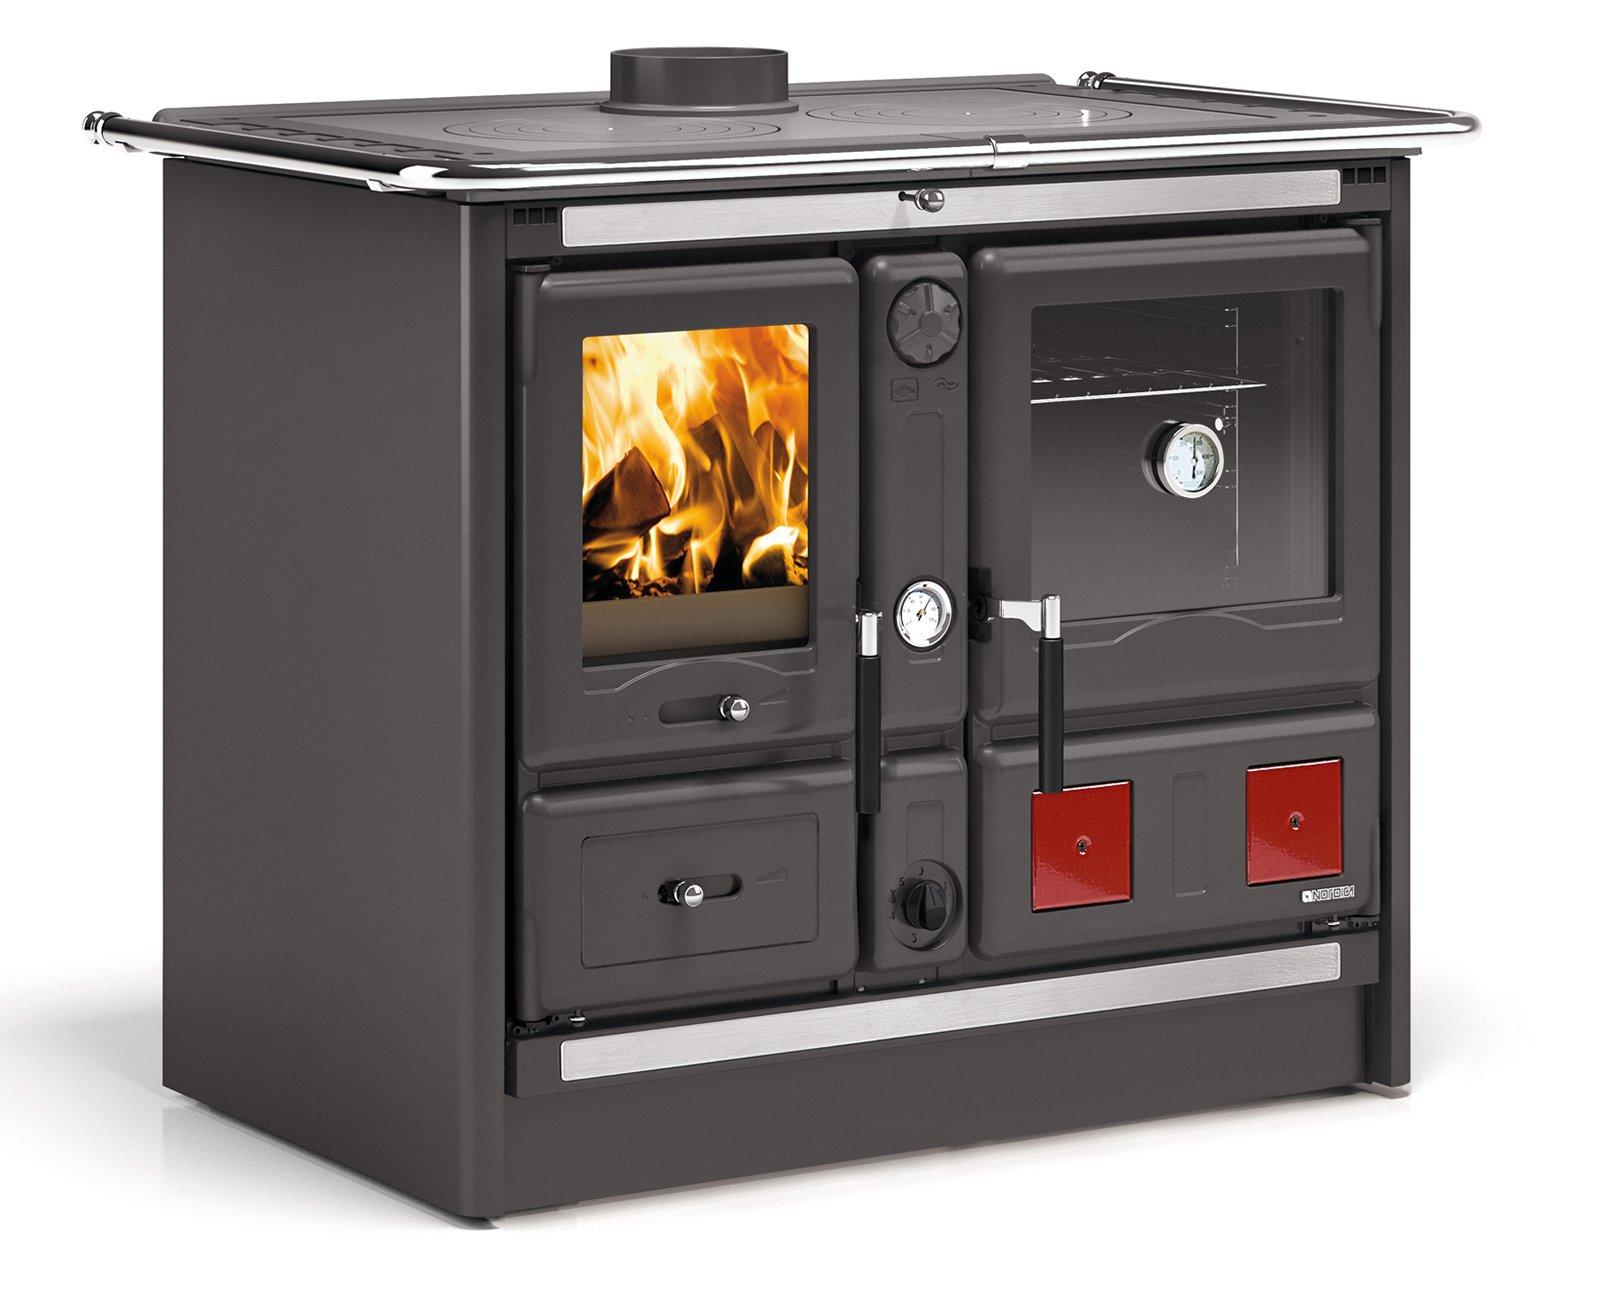 La cucina di una volta: per cuocere e riscaldare come con i ...